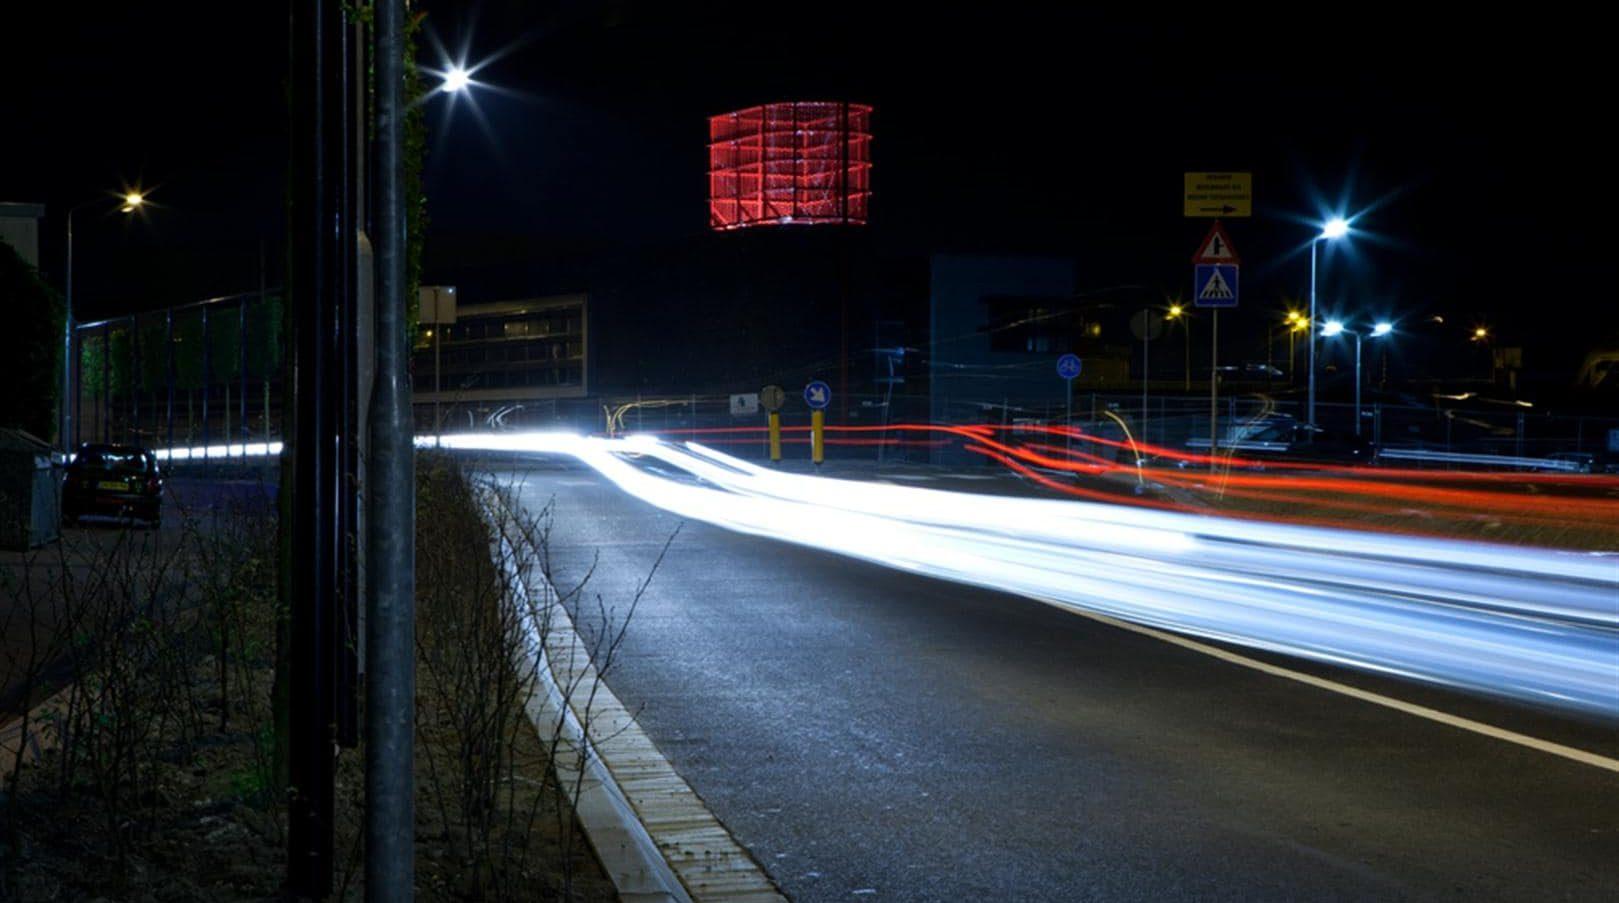 Verlicht MD Strekmetaal zorgt ervoor dat het torentje van de Brandweerpost in Alblasserdam mooi wordt uitgelicht